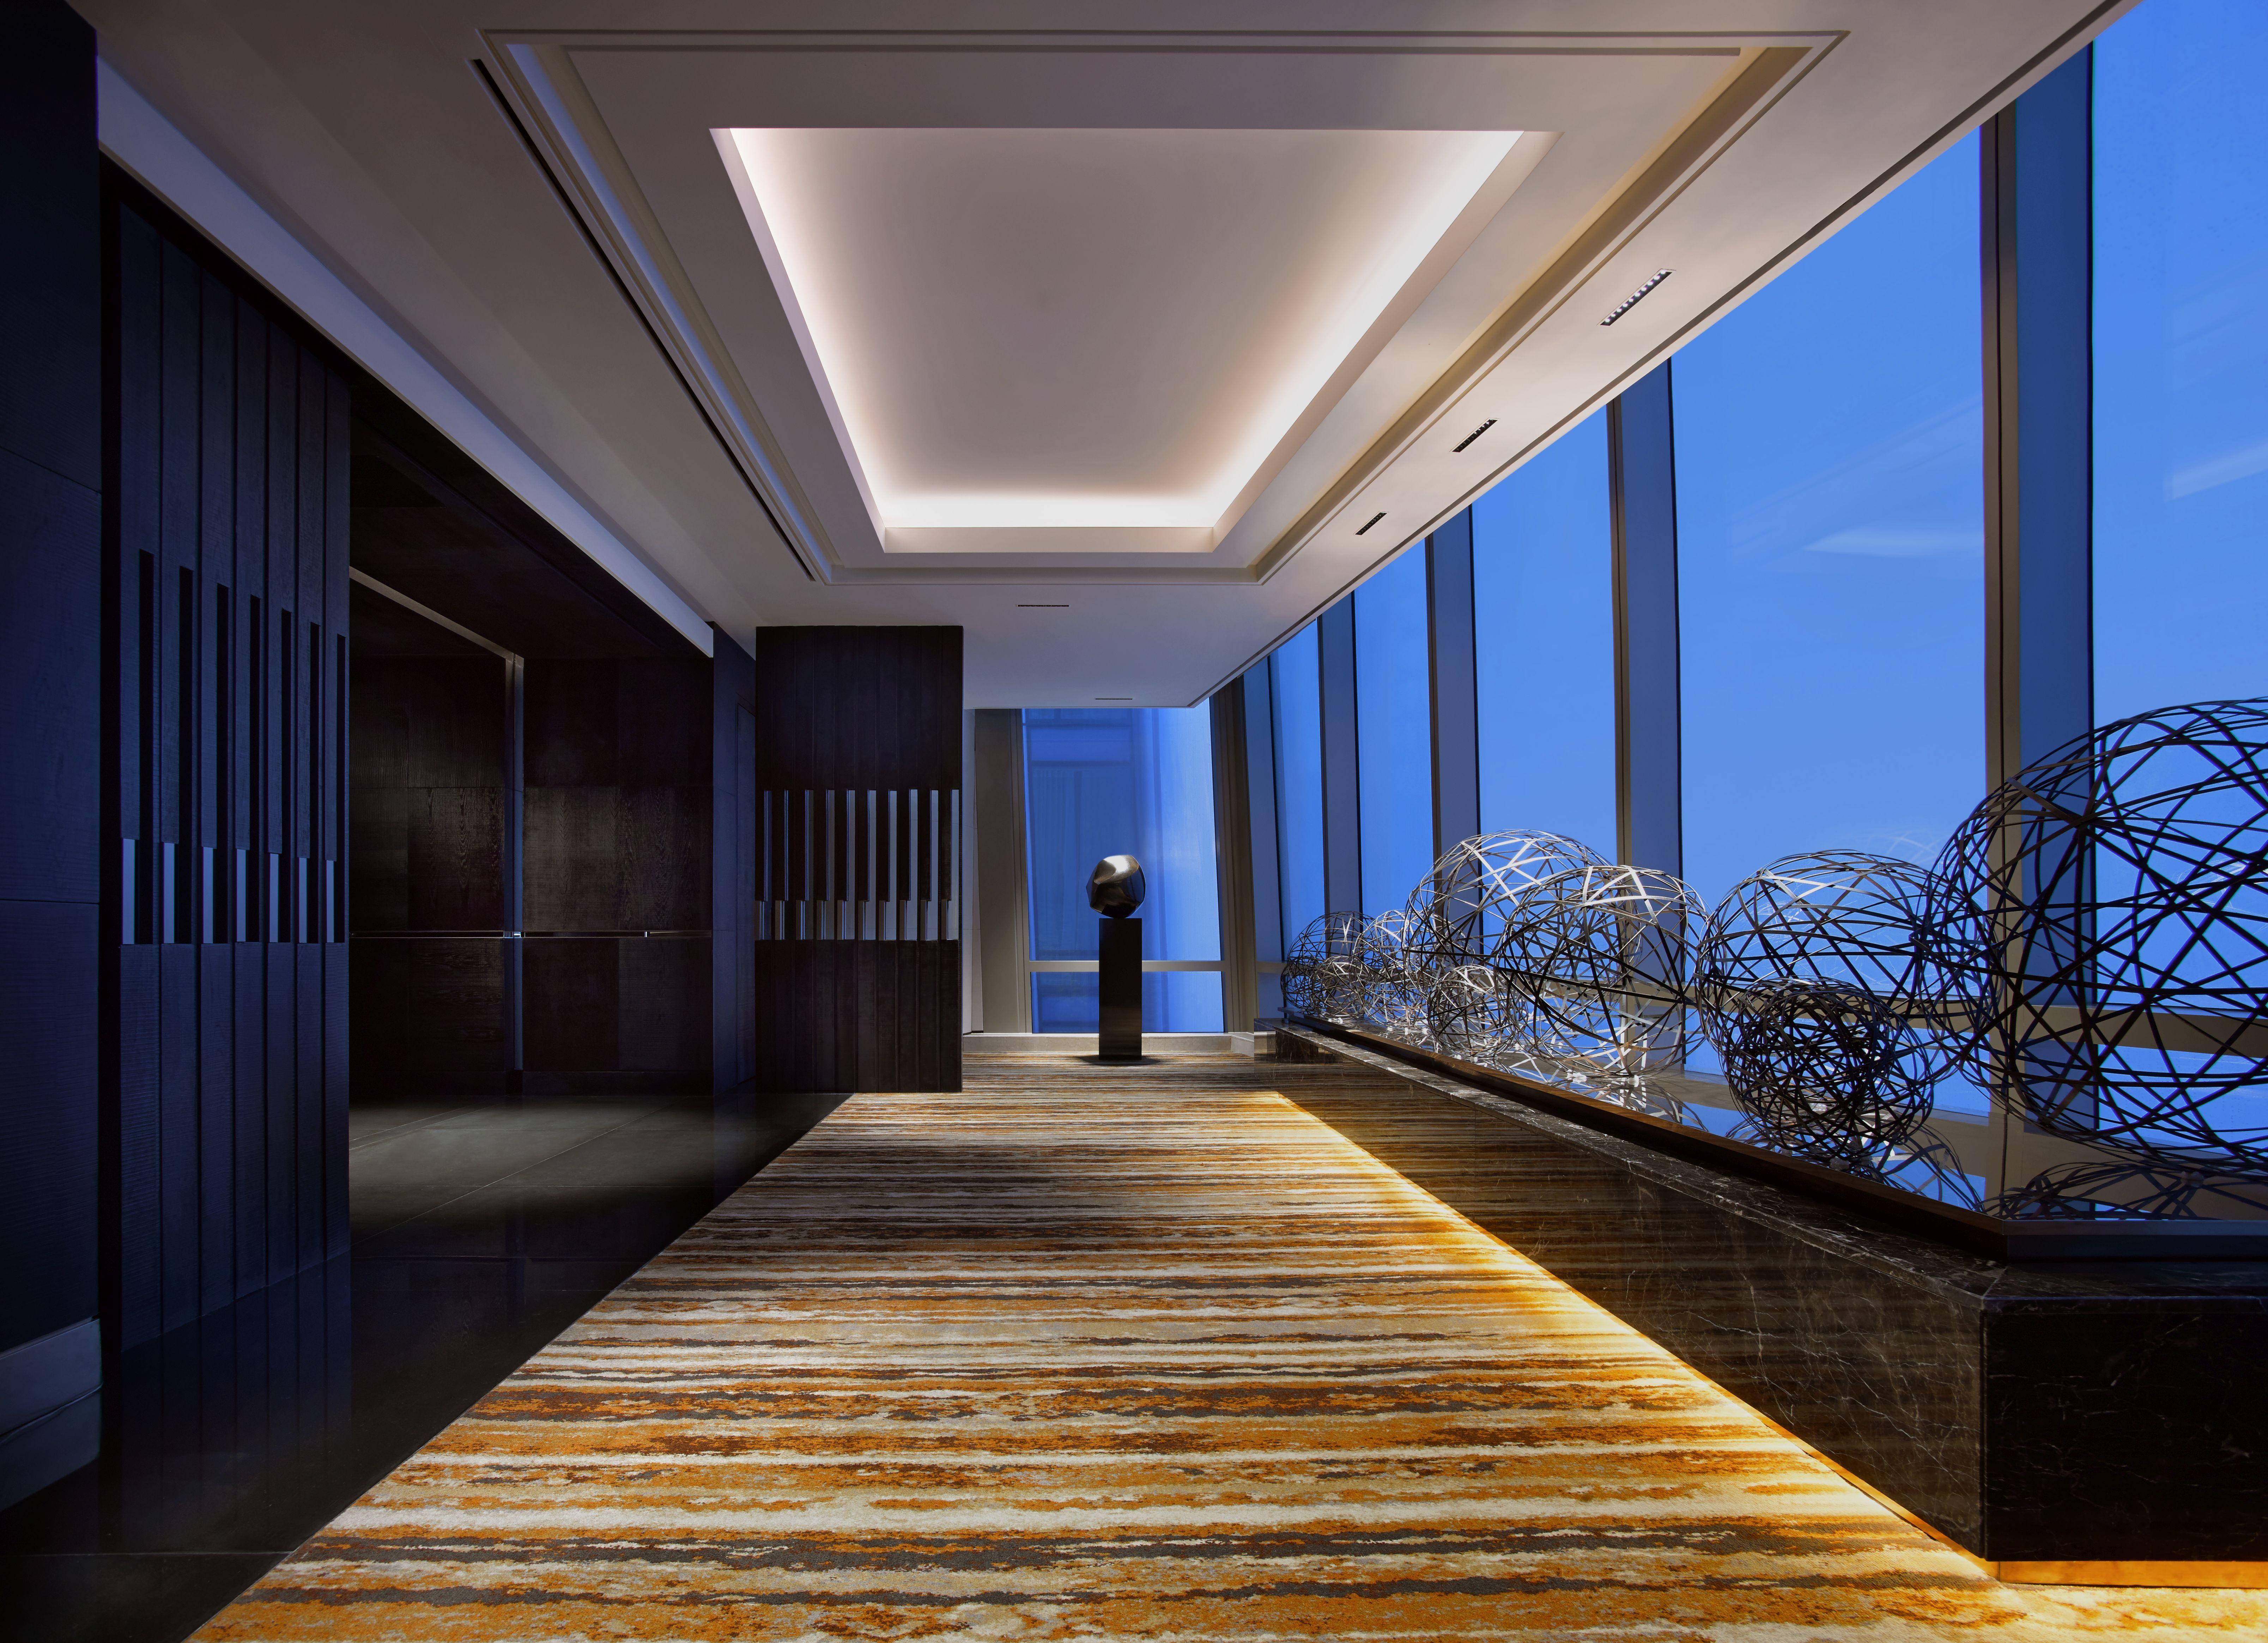 Lotte hotel hanoi vietnam u2013 interior designer: wilsons associates